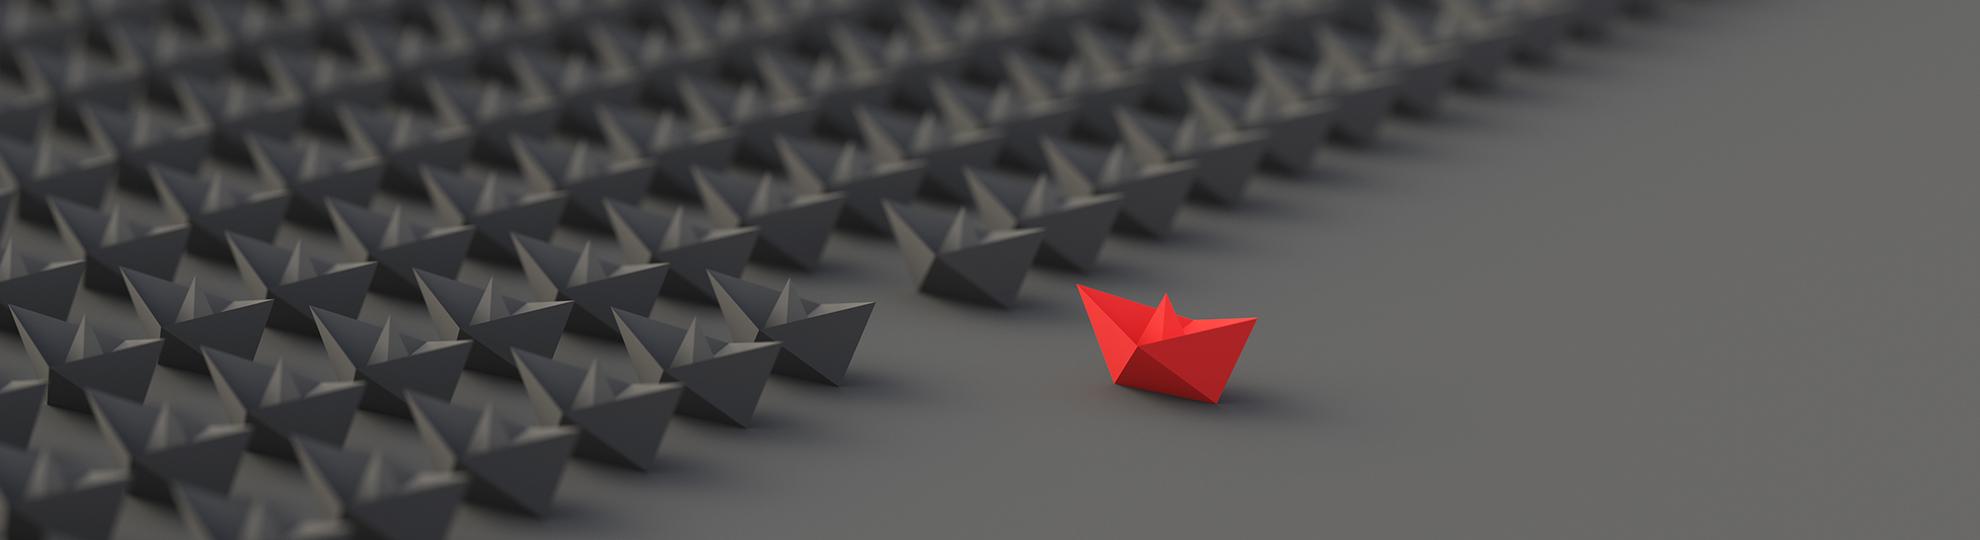 Strategieentwicklung Alerion - Leadership